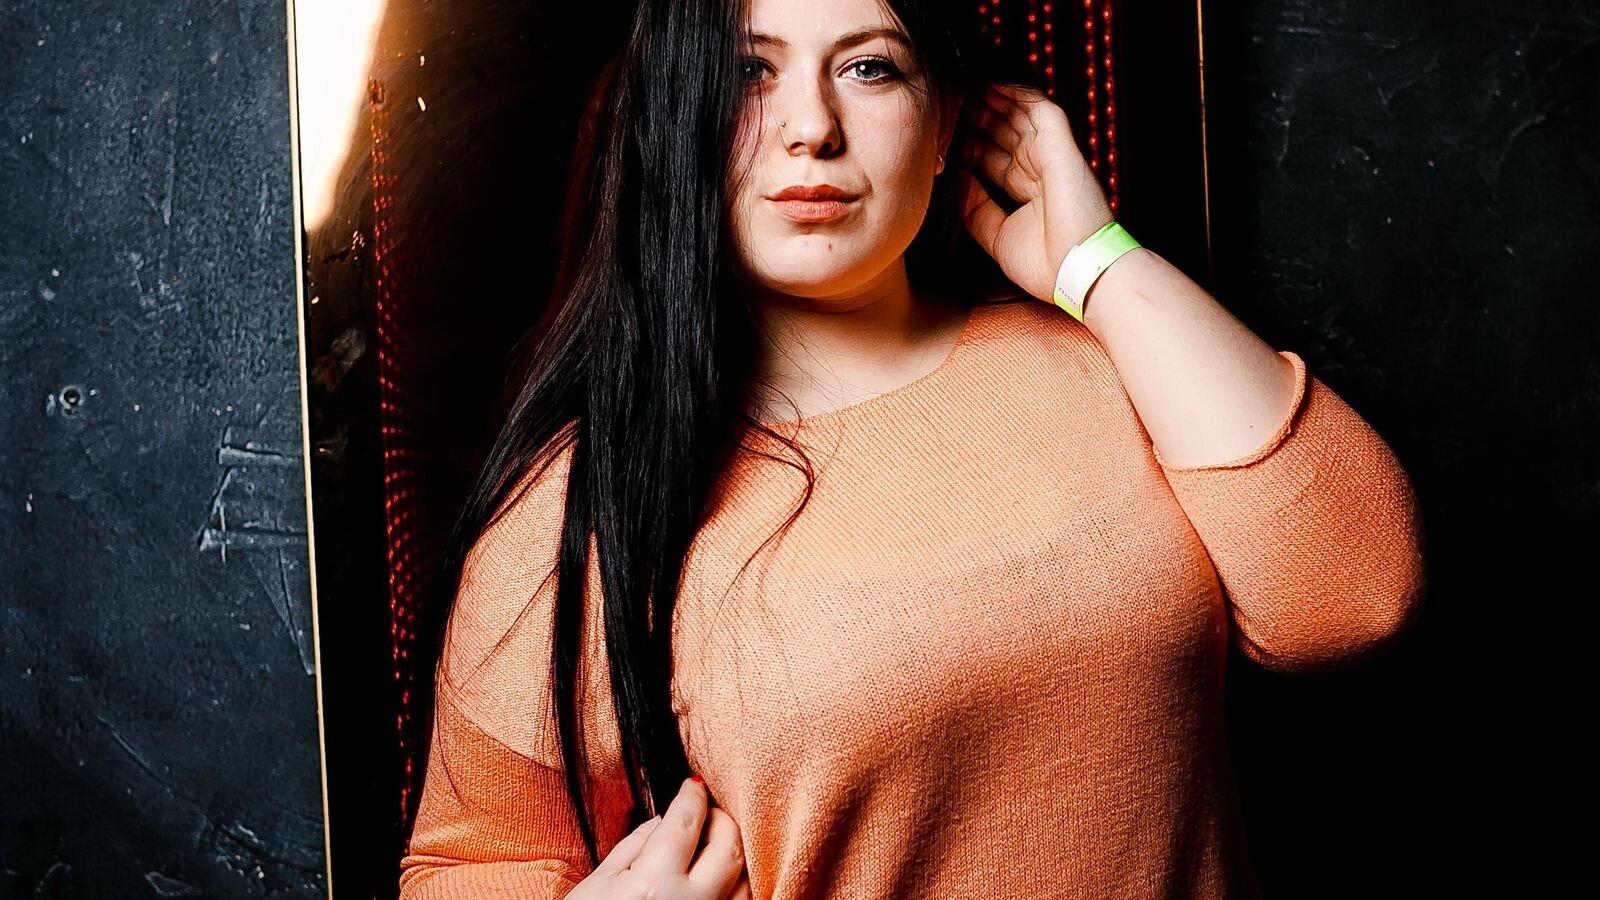 CarolineMarlyn